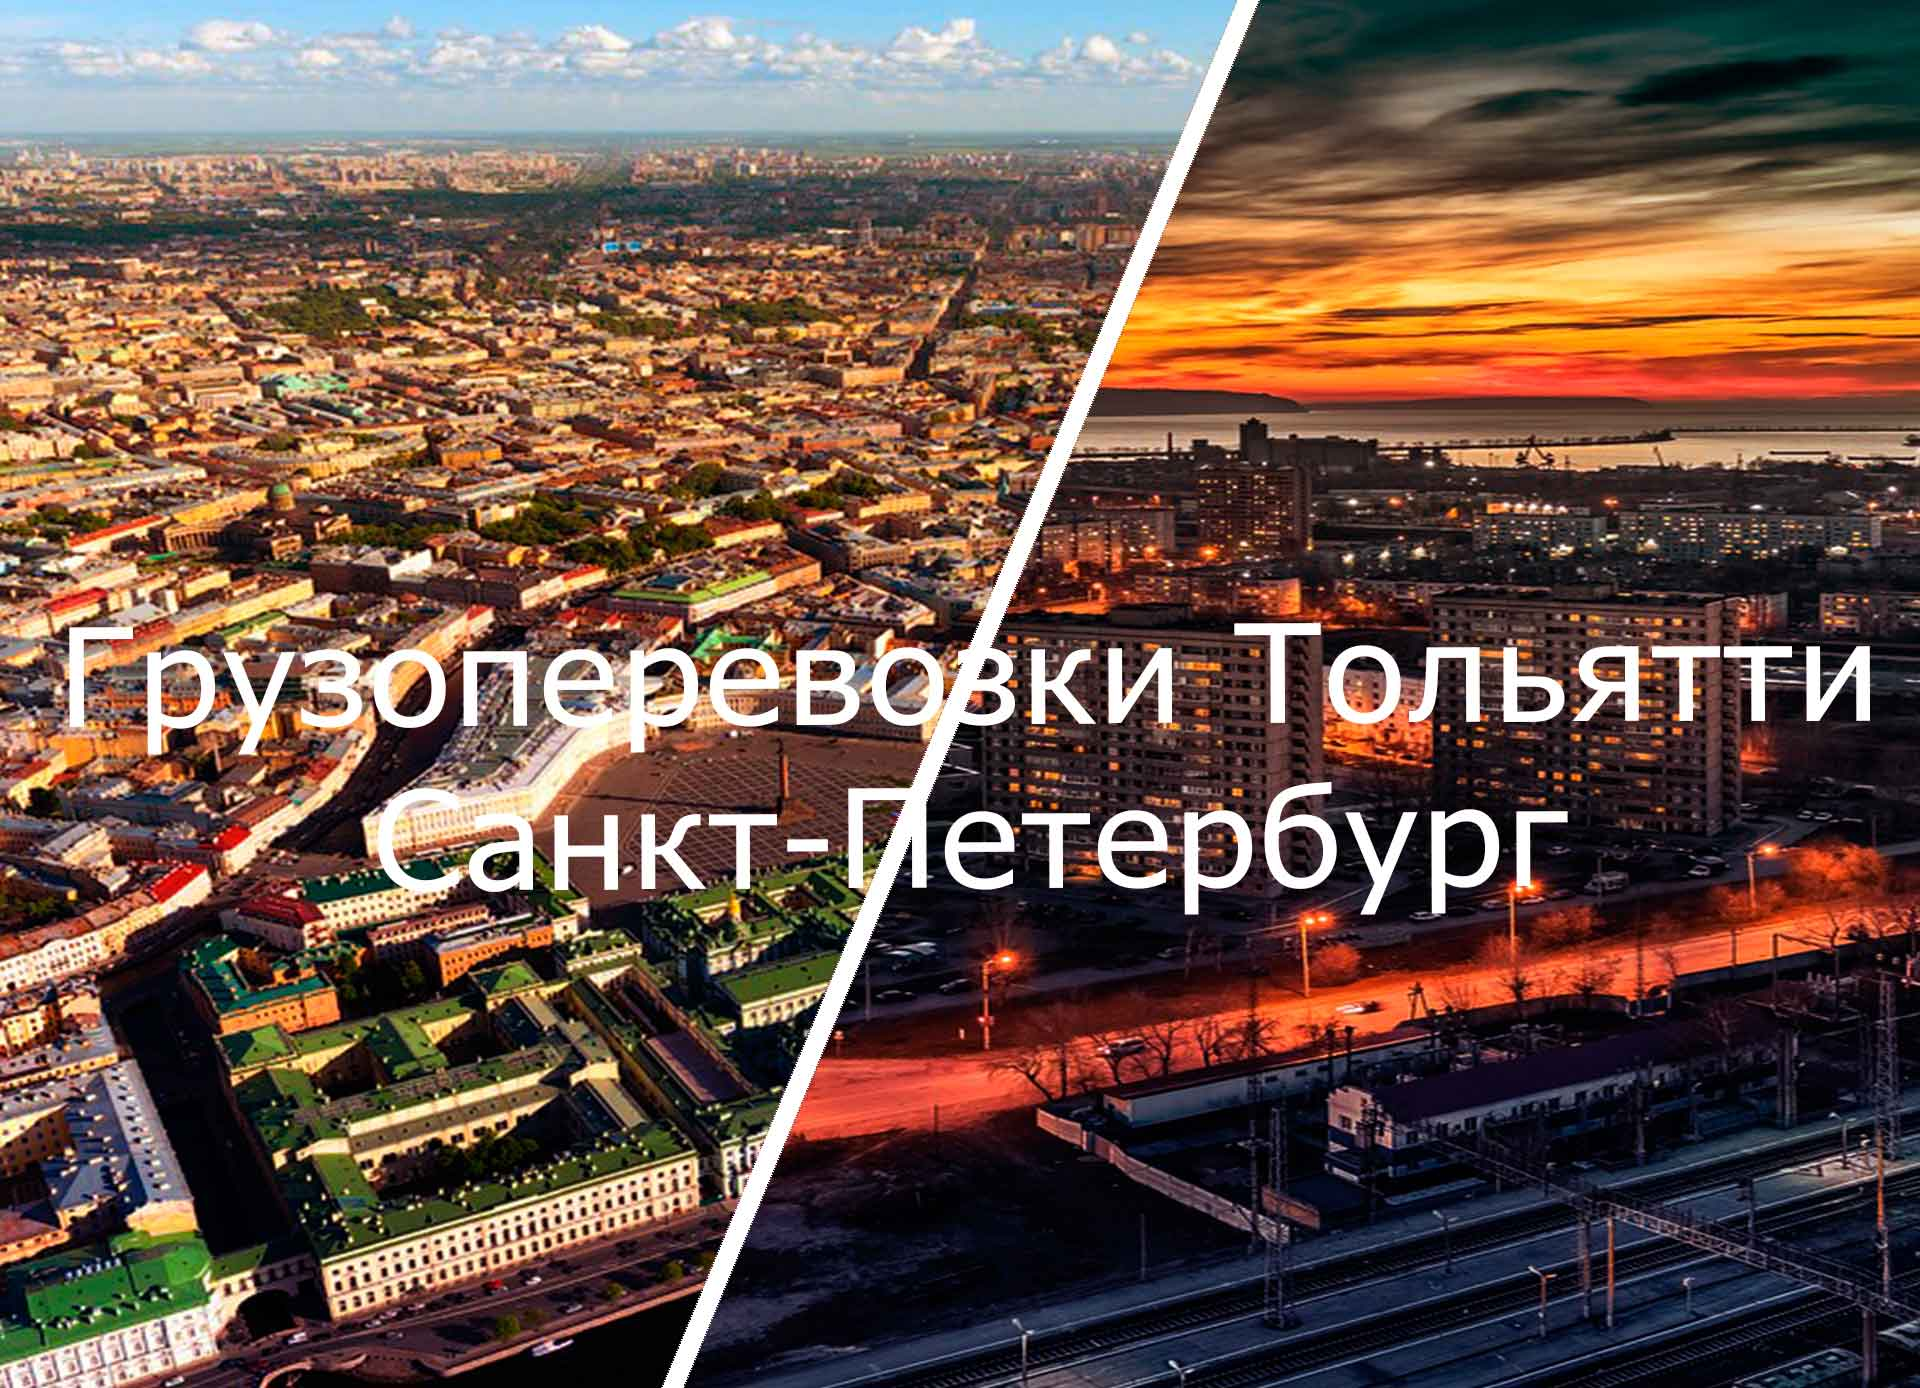 грузоперевозки тольятти санкт петербург